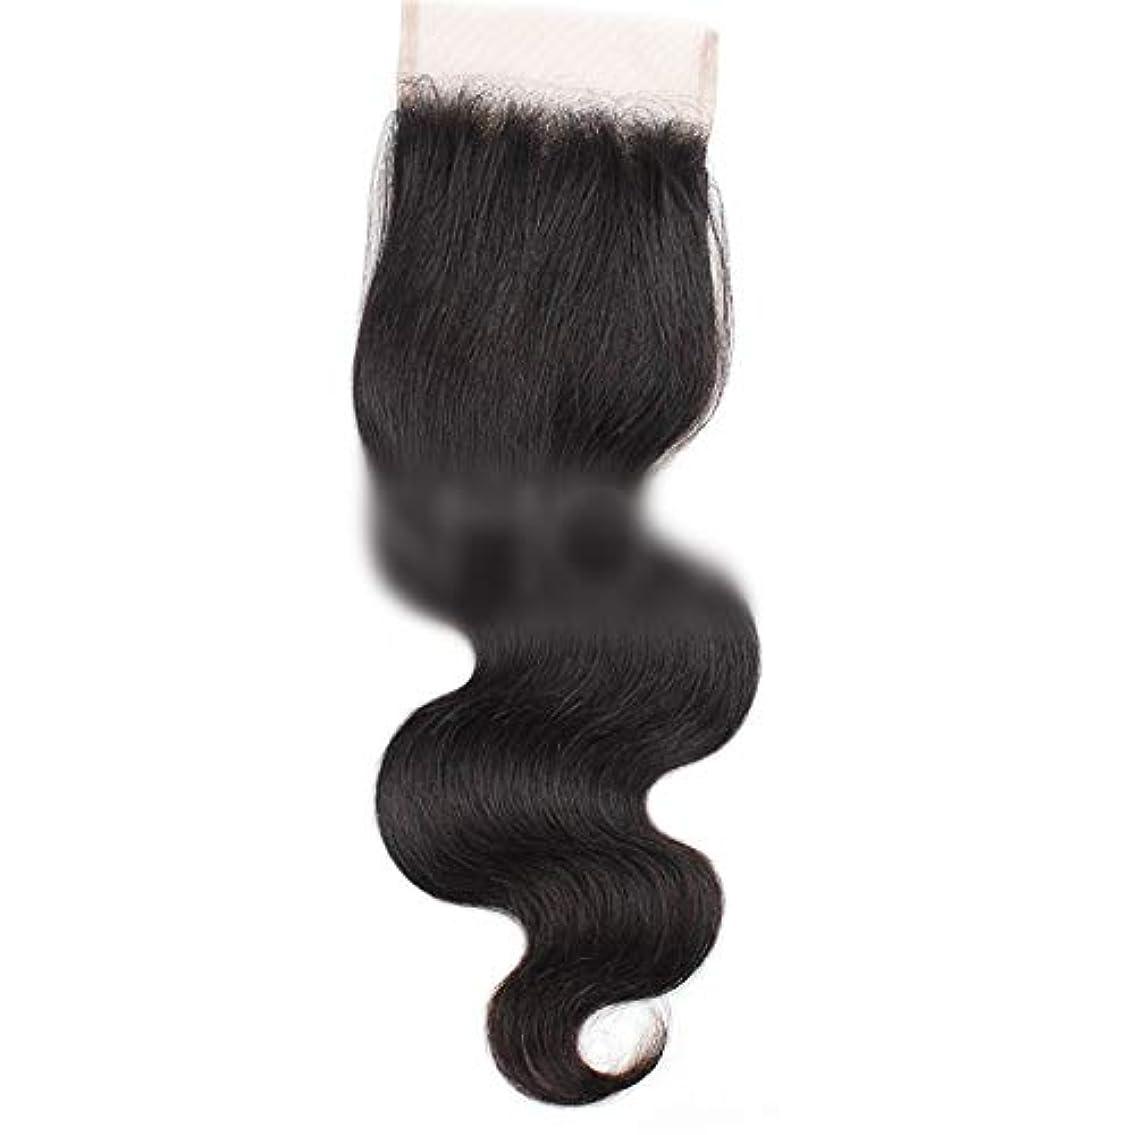 リッチ旅行者運賃HOHYLLYA 7aバージンブラジル人間の髪の毛自由な部分実体波4×4レース閉鎖ロールプレイングかつら女性のかつら (色 : 黒, サイズ : 10 inch)